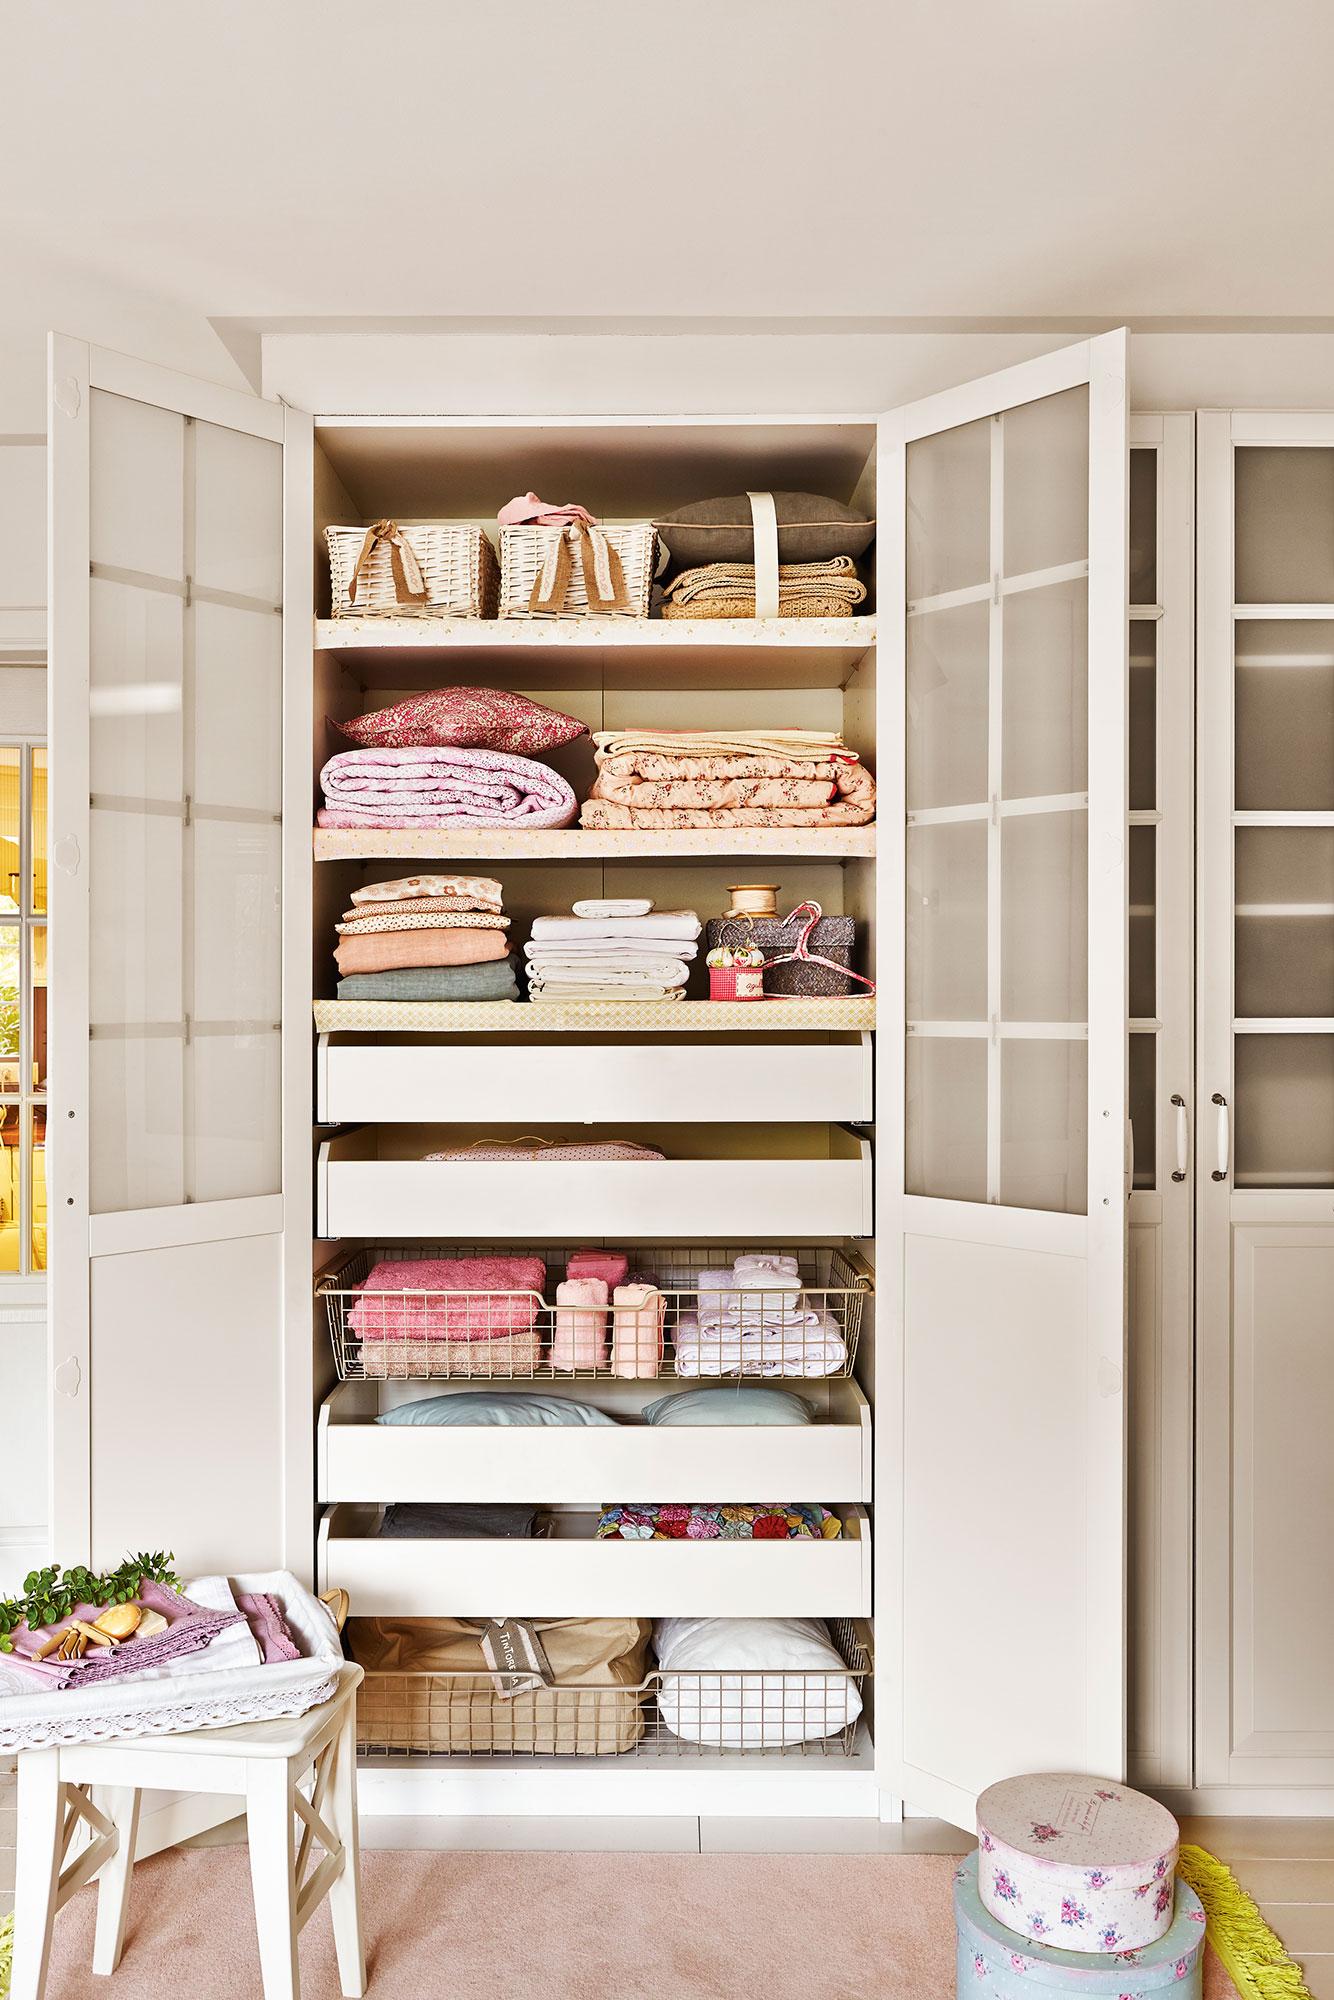 Claves del orden ideas y trucos para ganar espacio - Mueble para toallas ...